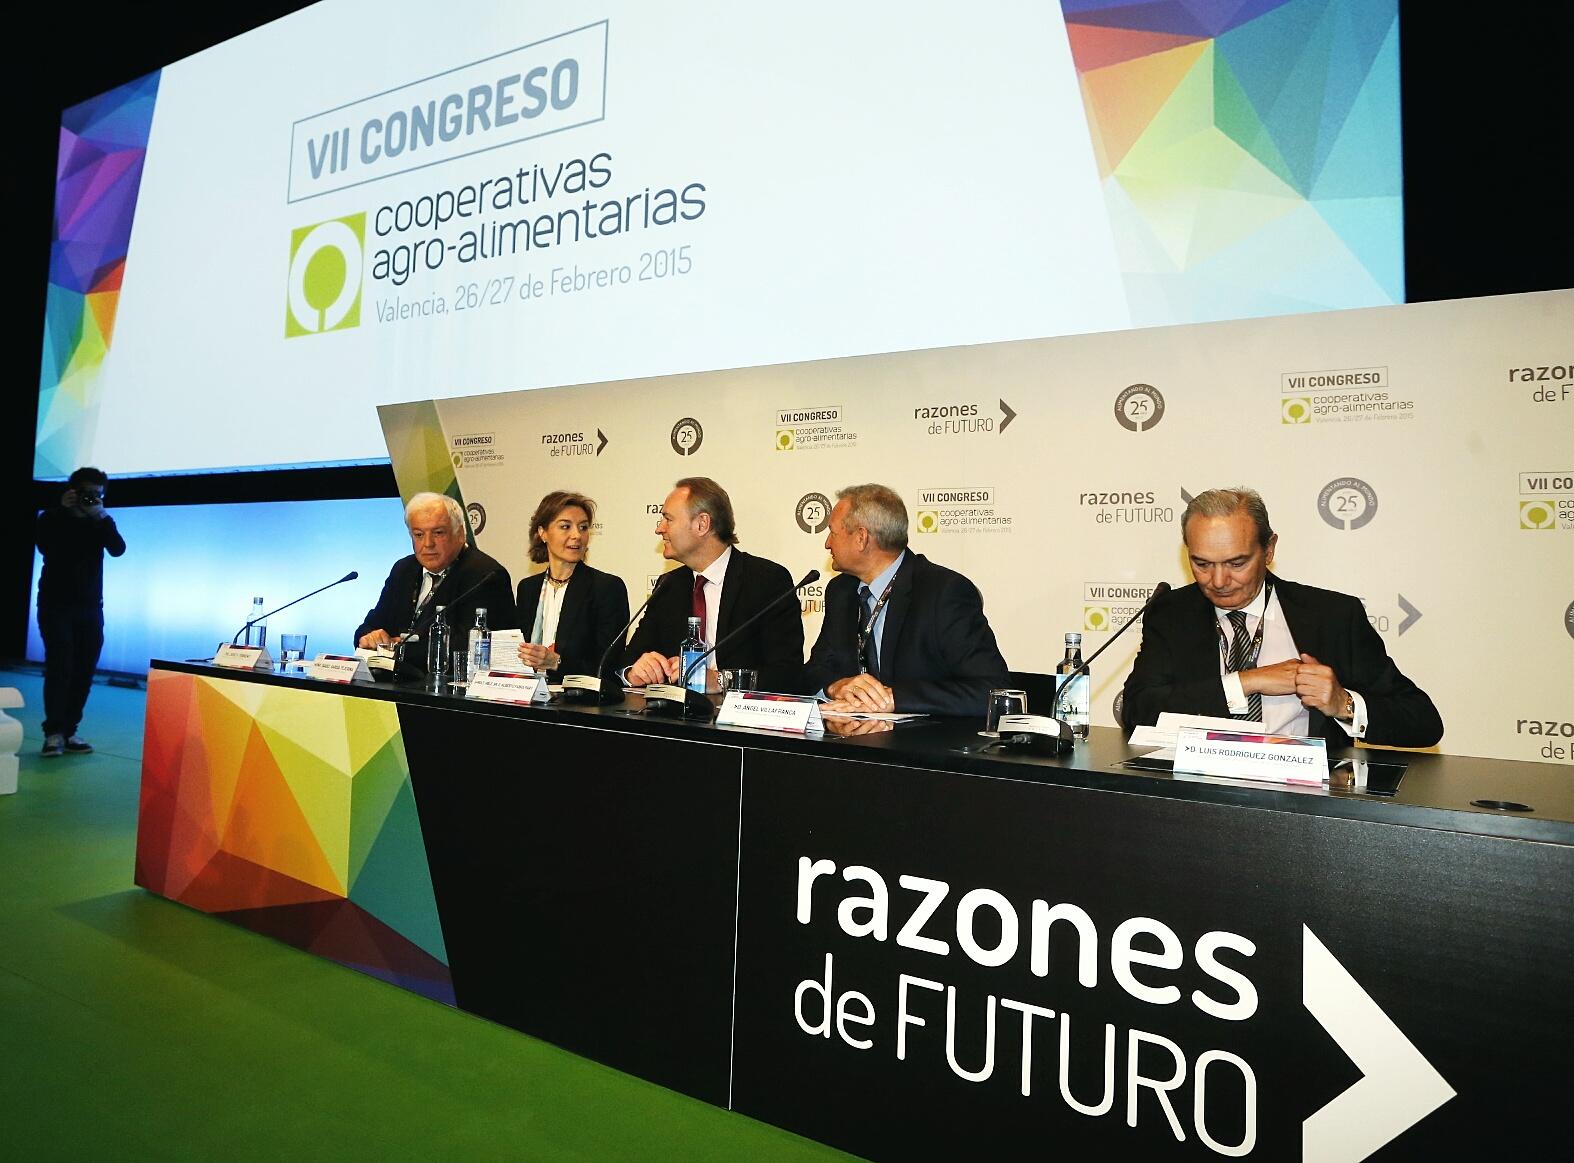 La Integración, Innovación e Internacionalización son el futuro de las Cooperativas2